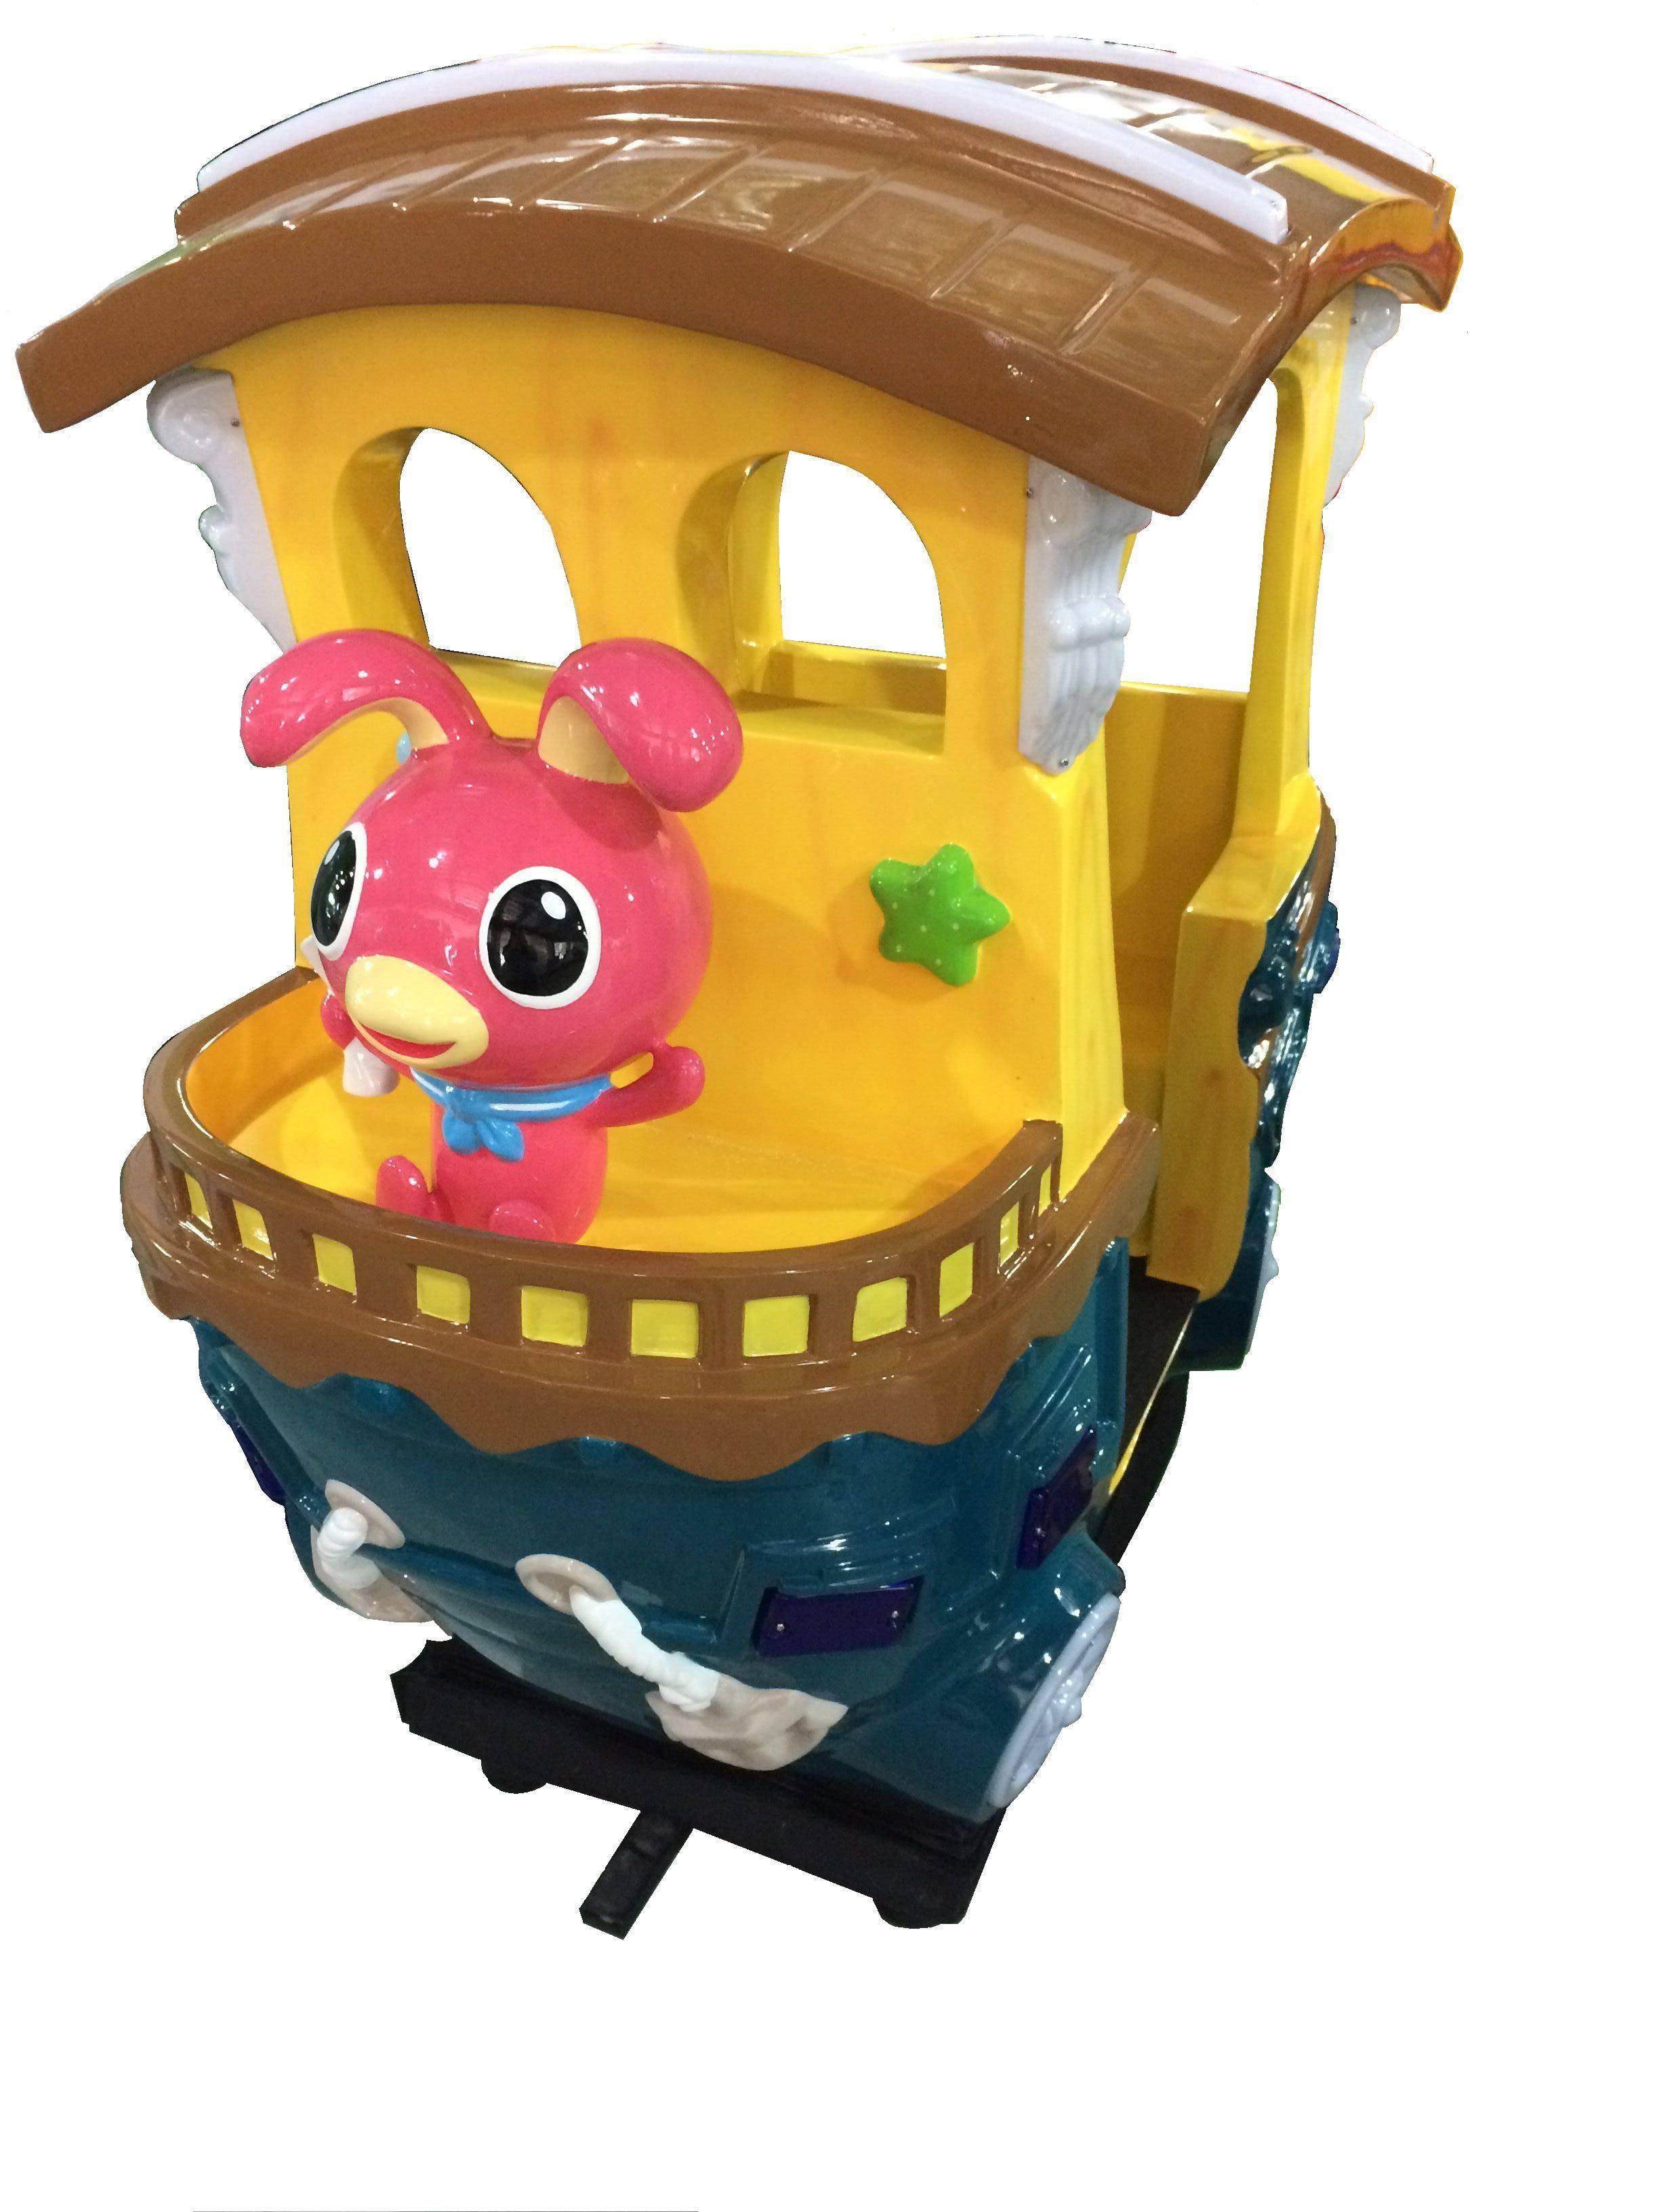 Kiddie Ride - CoCo Captain Bunny